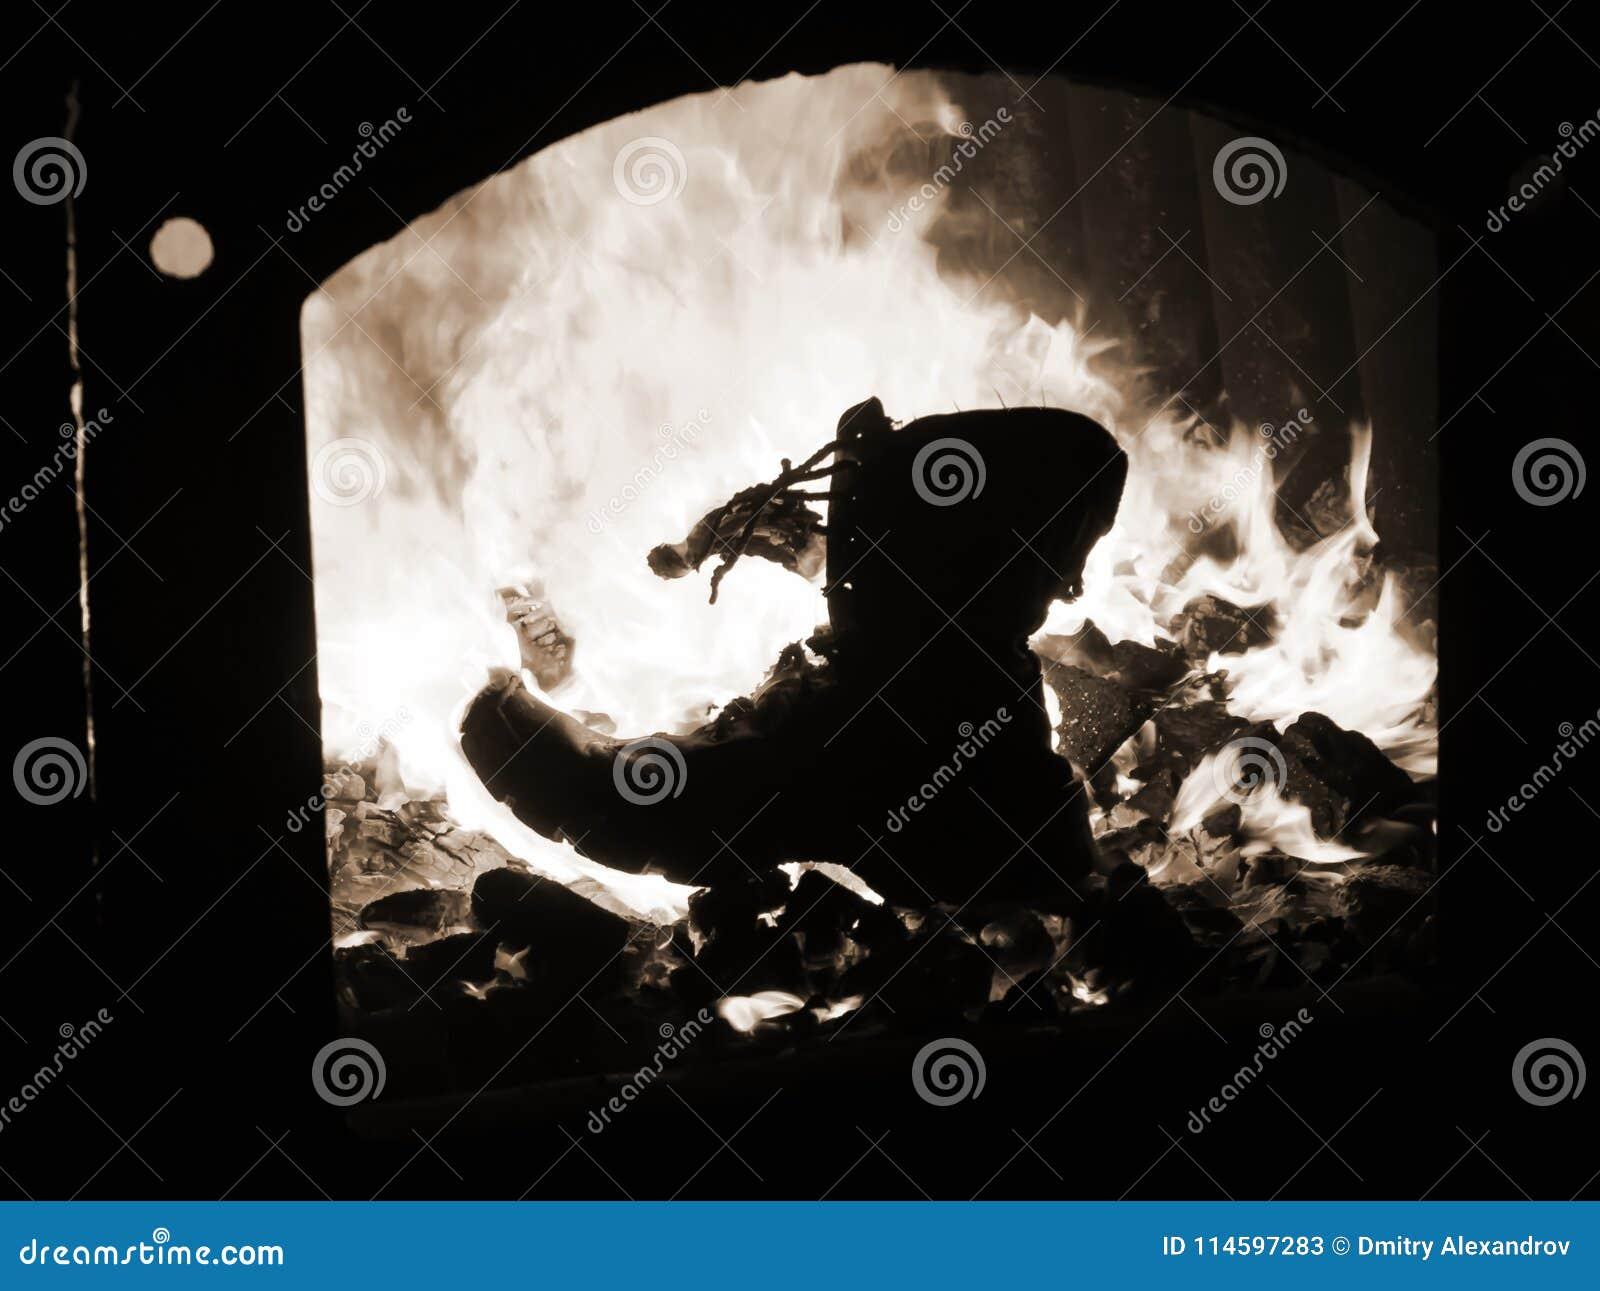 Laarzen militaire brandwonden in de oven van de brand van oorlog